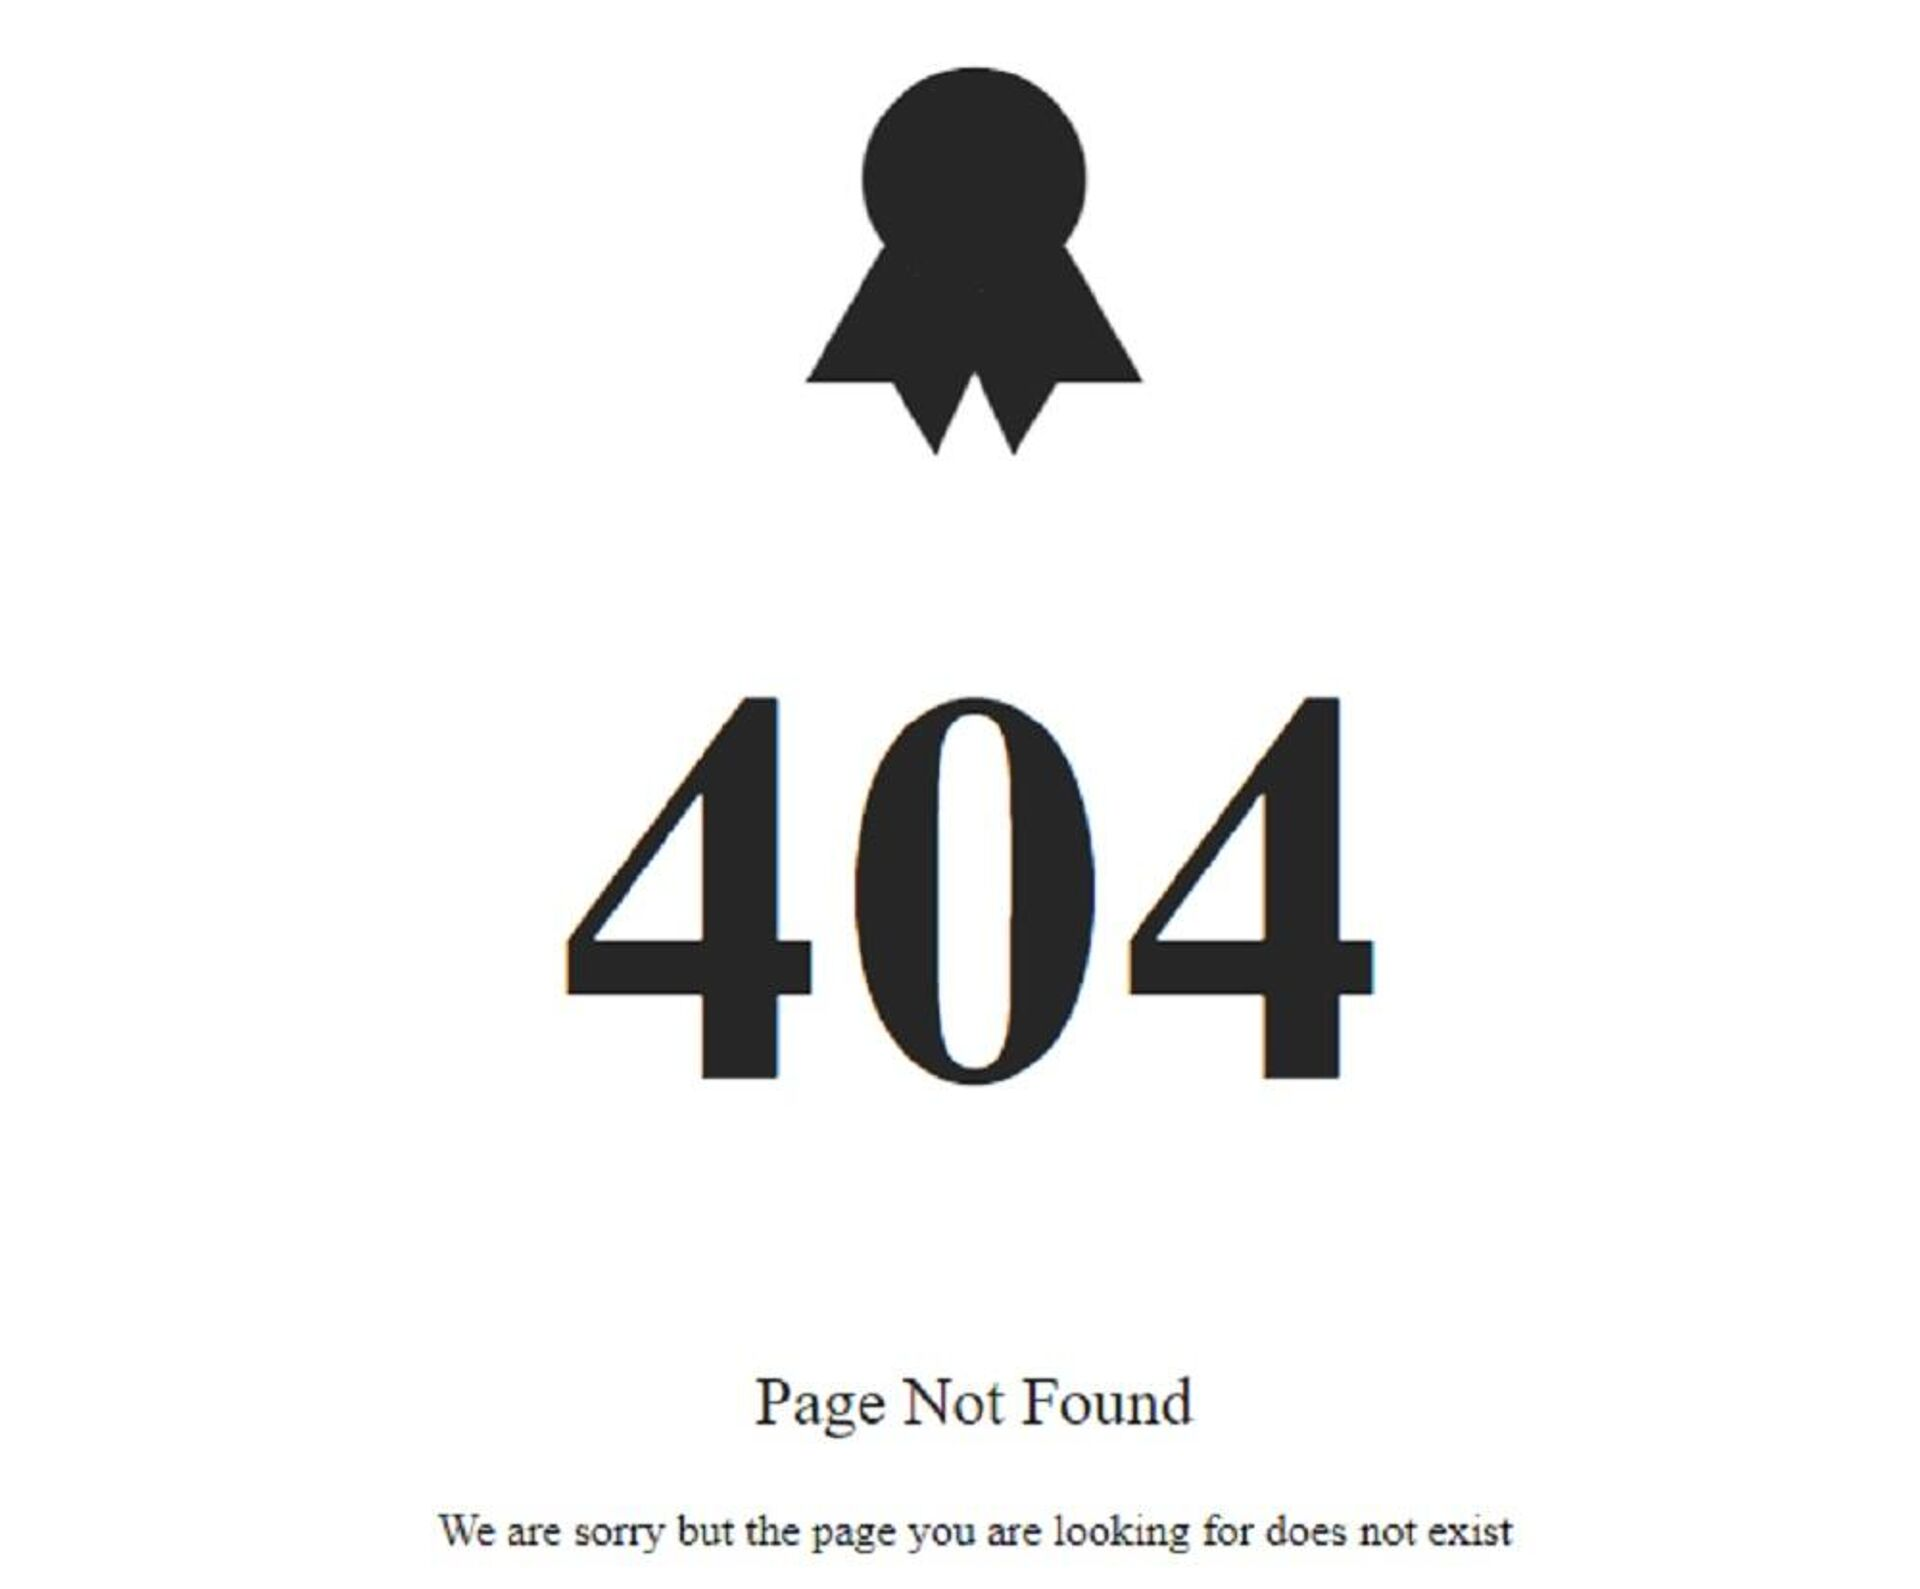 Η ανακοίνωση του Γραφείου Αιρέσεων και Παραθρησκειών της Ι.Μ. Πειραιώς για τον Μίκη Θεοδωράκη έχει κατέβει από την ιστοσελίδα της Μητρόπολης. - Sputnik Ελλάδα, 1920, 22.09.2021